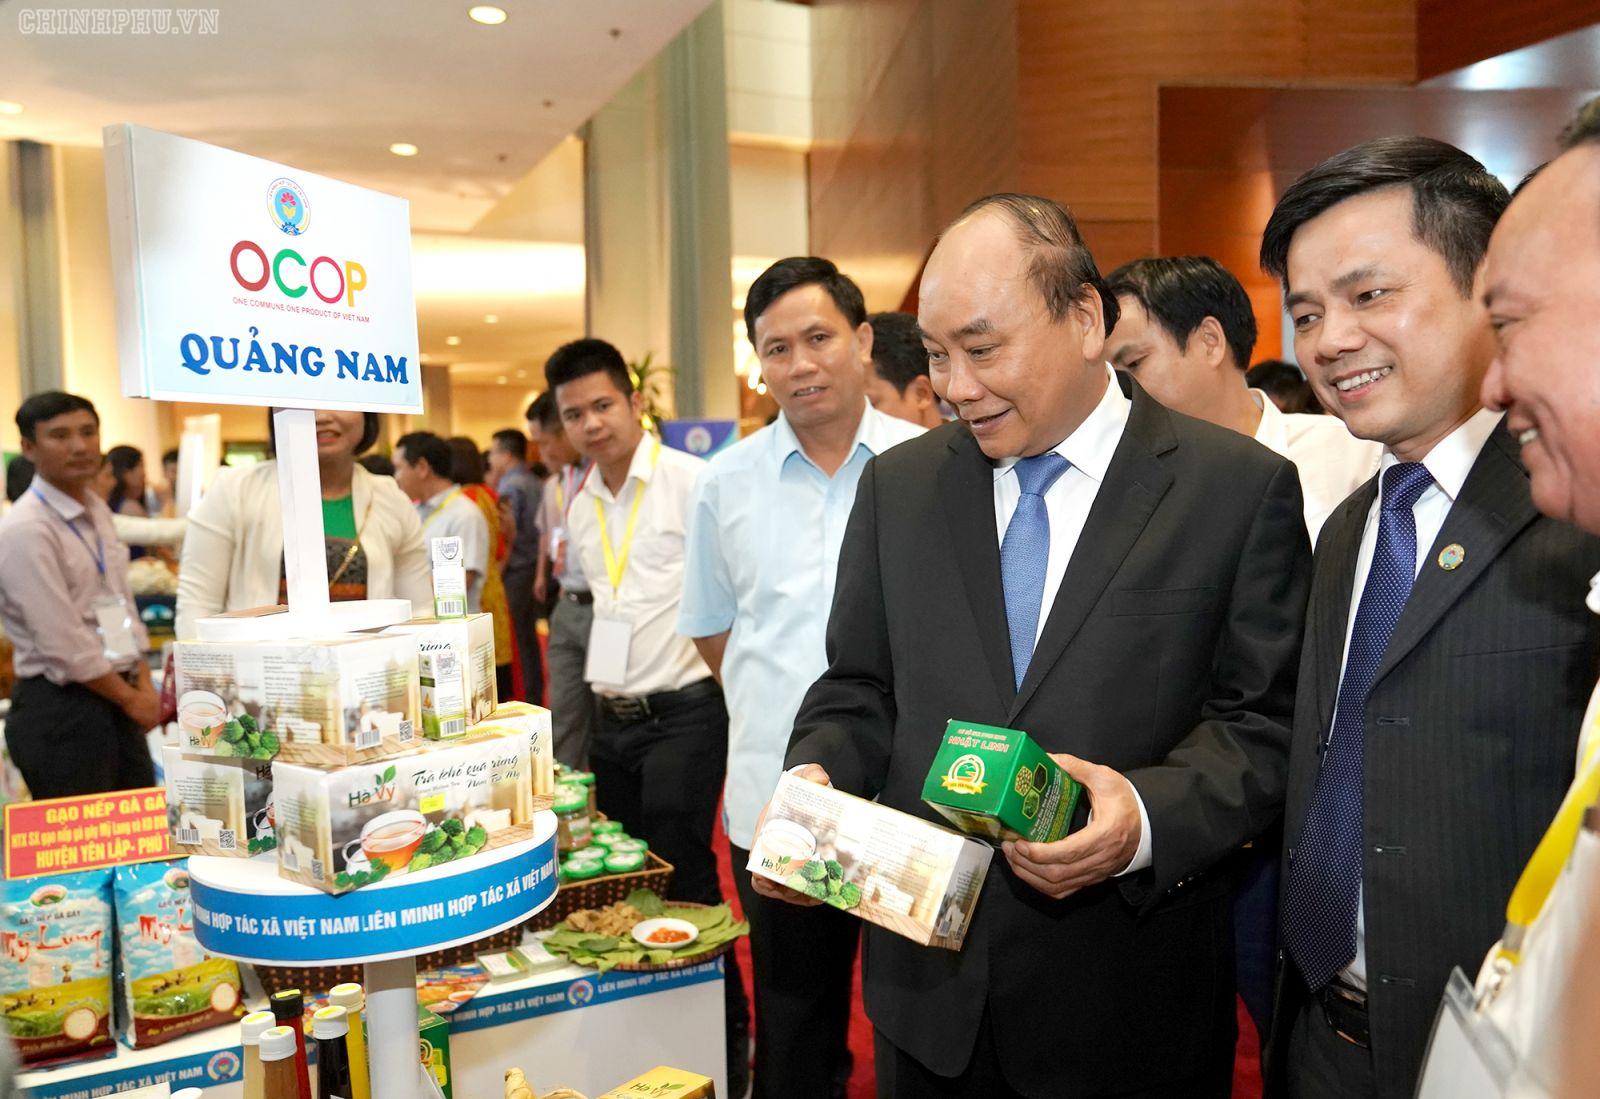 Thủ tướng Nguyễn Xuân Phúc thăm các gian hàng tại Hội nghị. Ảnh: VGP/Quang Hiếu